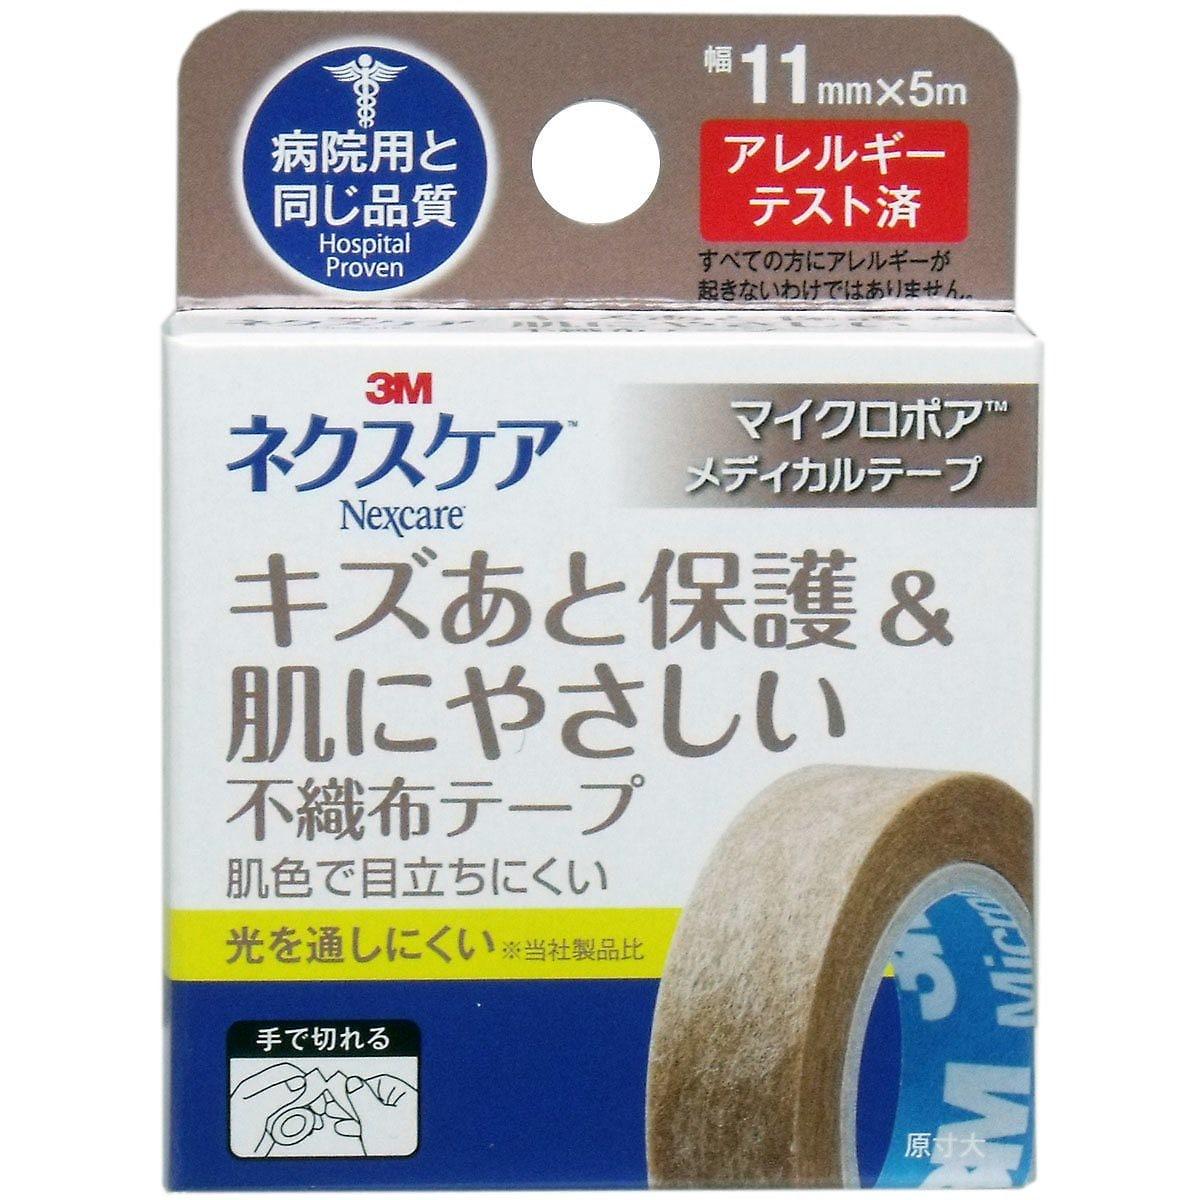 3M ネクスケア マイクロポア 不織布テープ ブラウン 11mm×5m